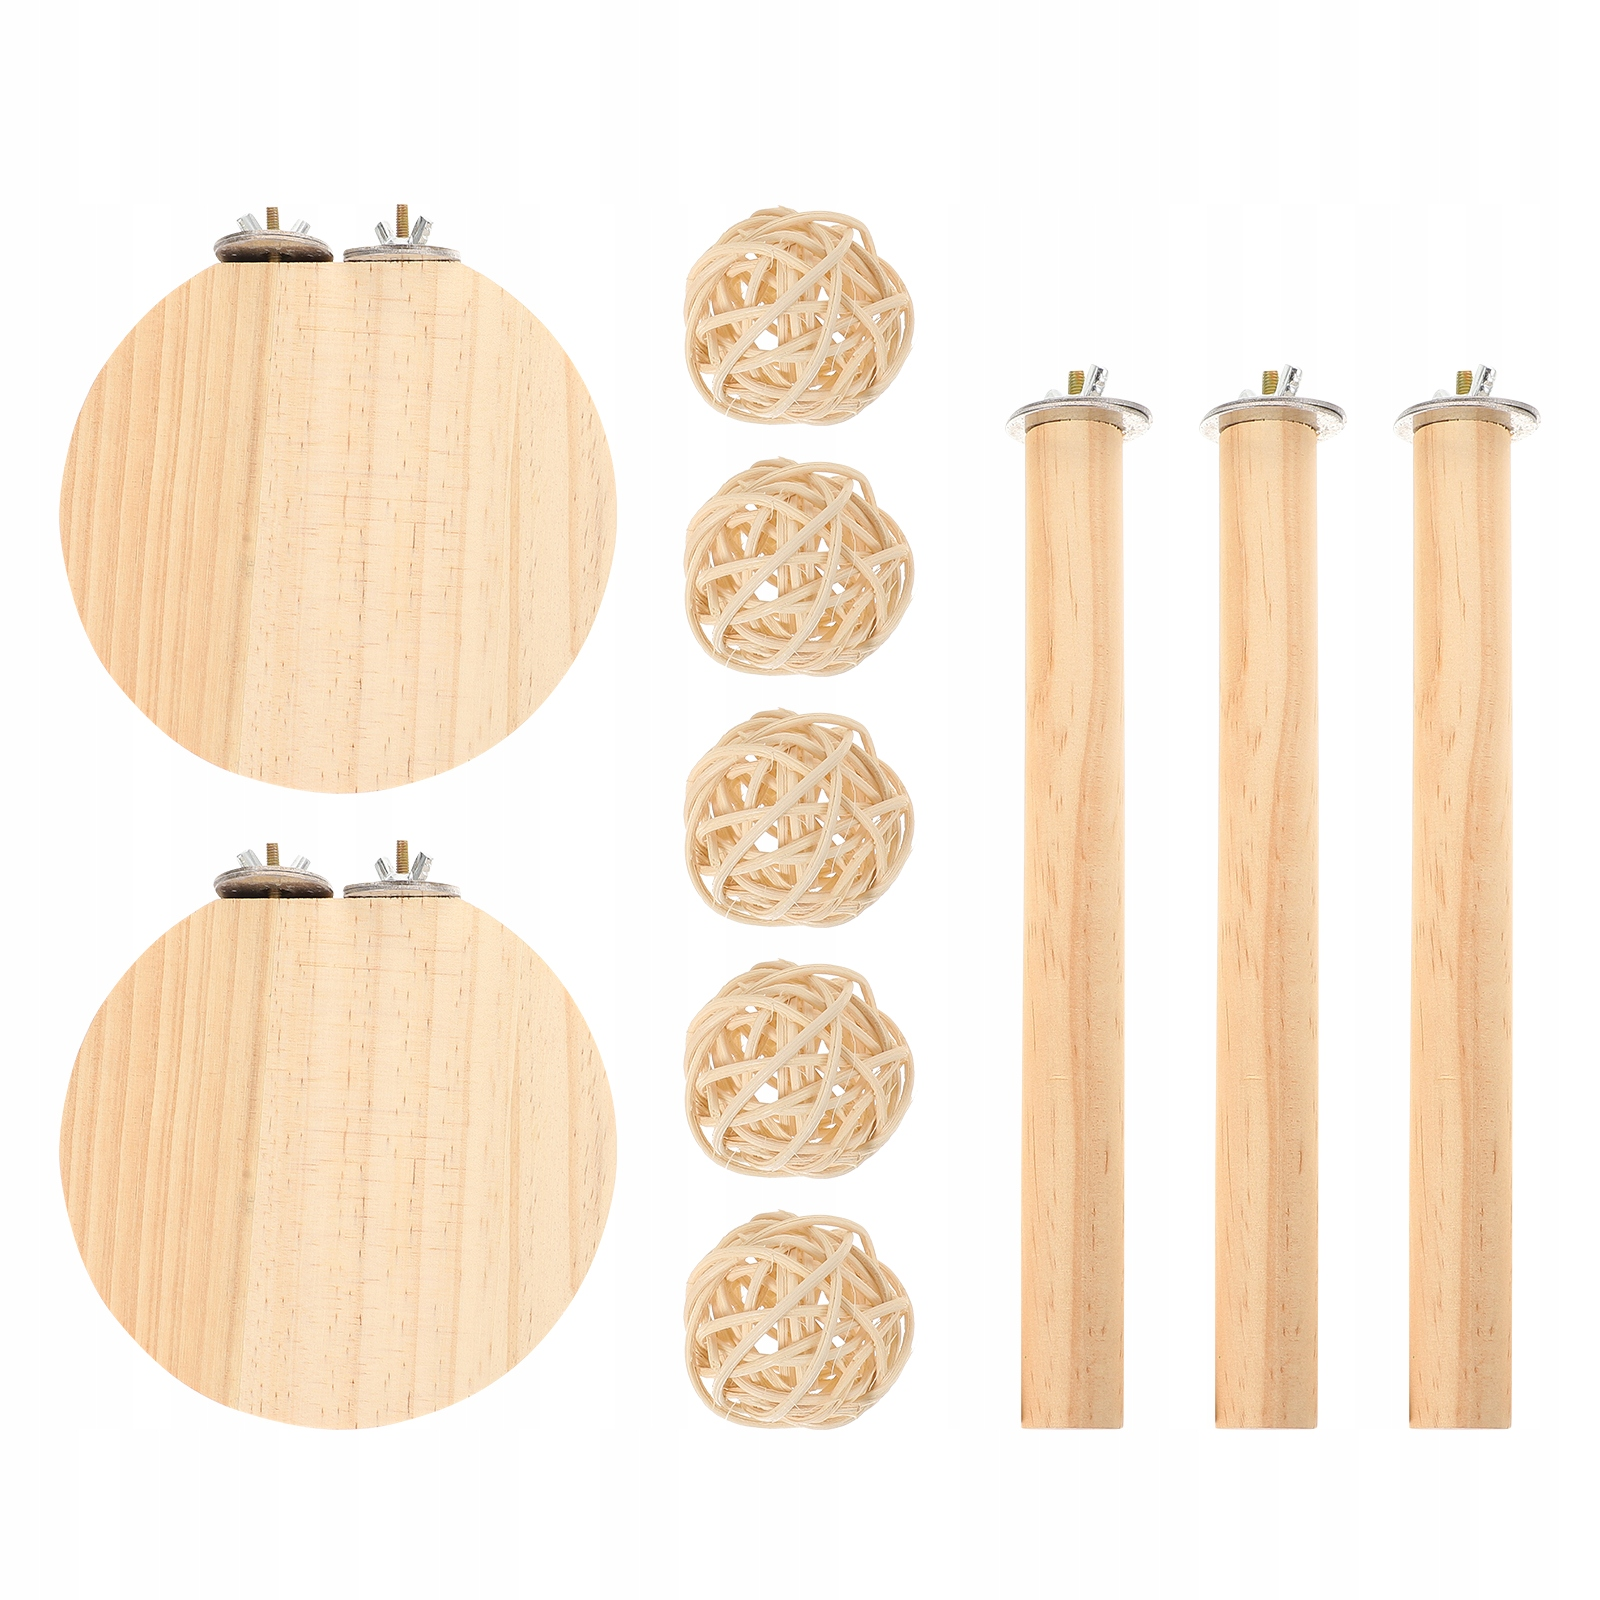 1 комплект белок на деревянных подиумах